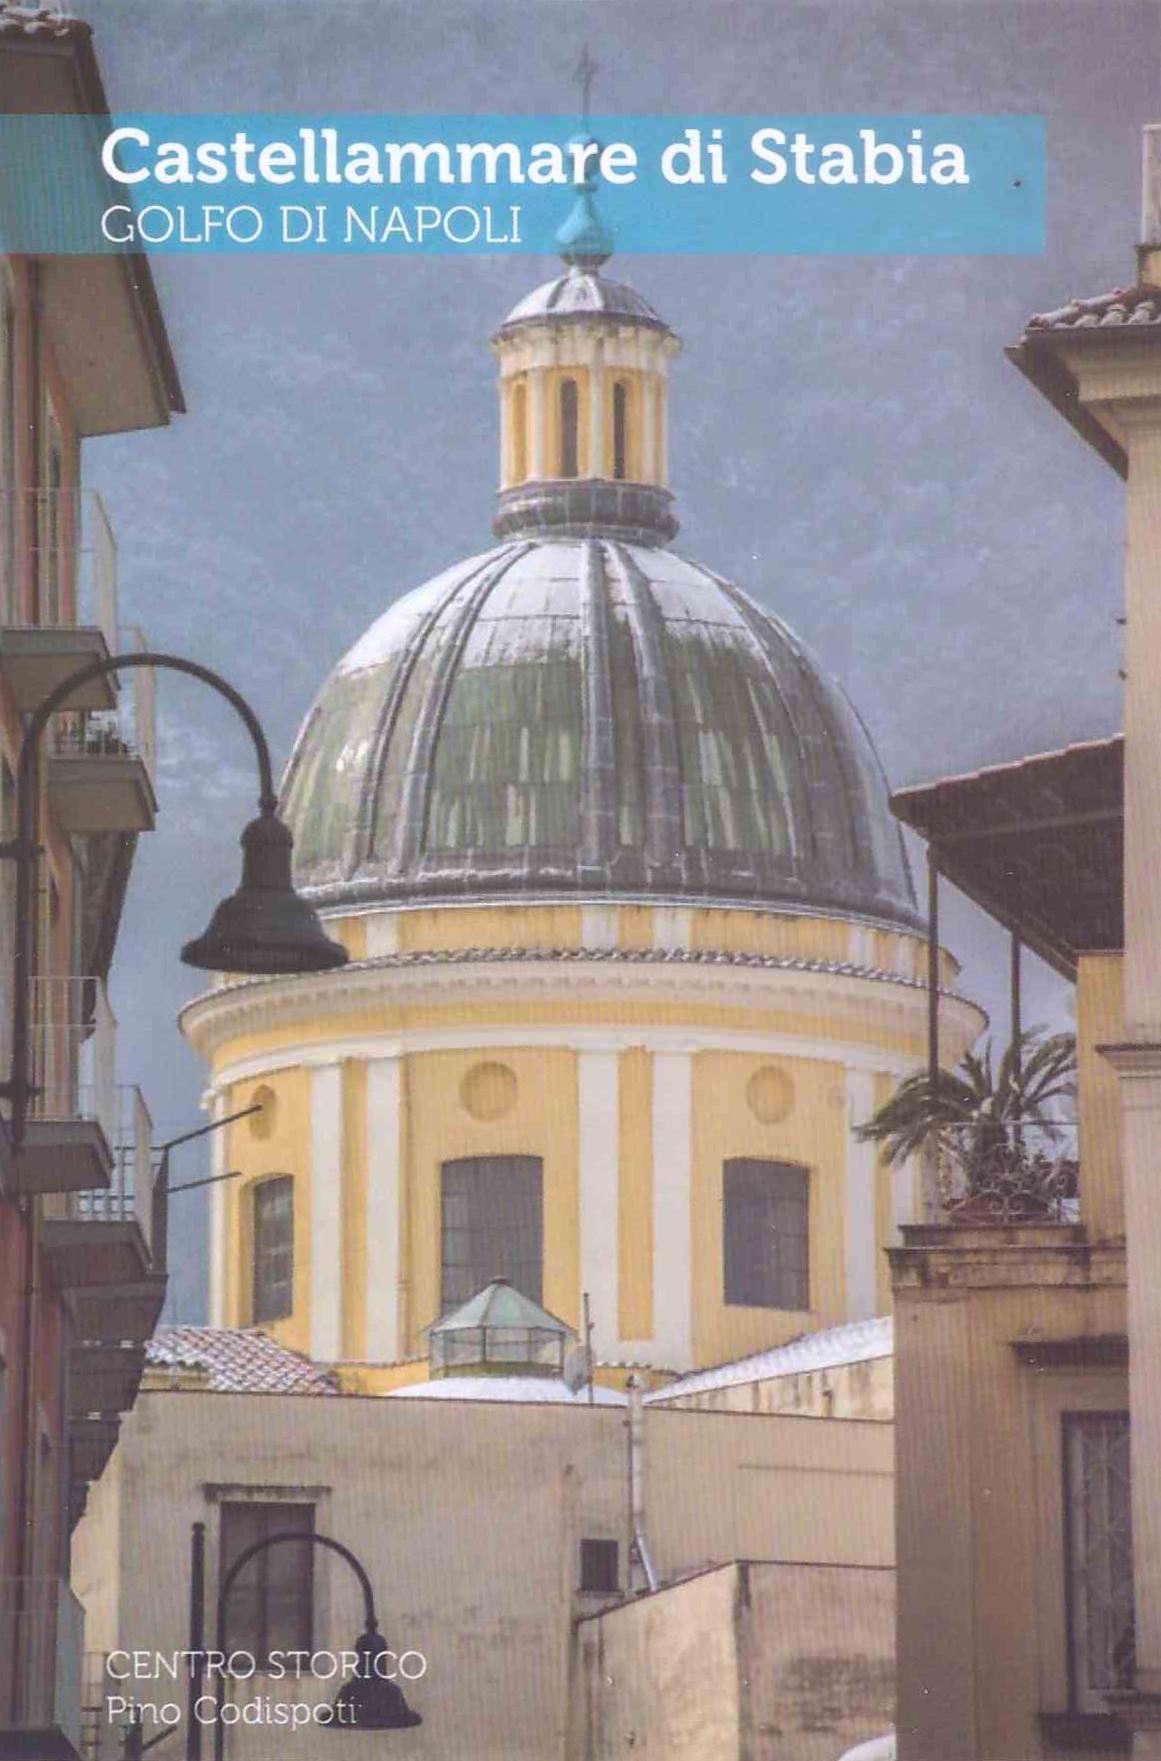 Cartoline Archives - Castellammare di Stabia